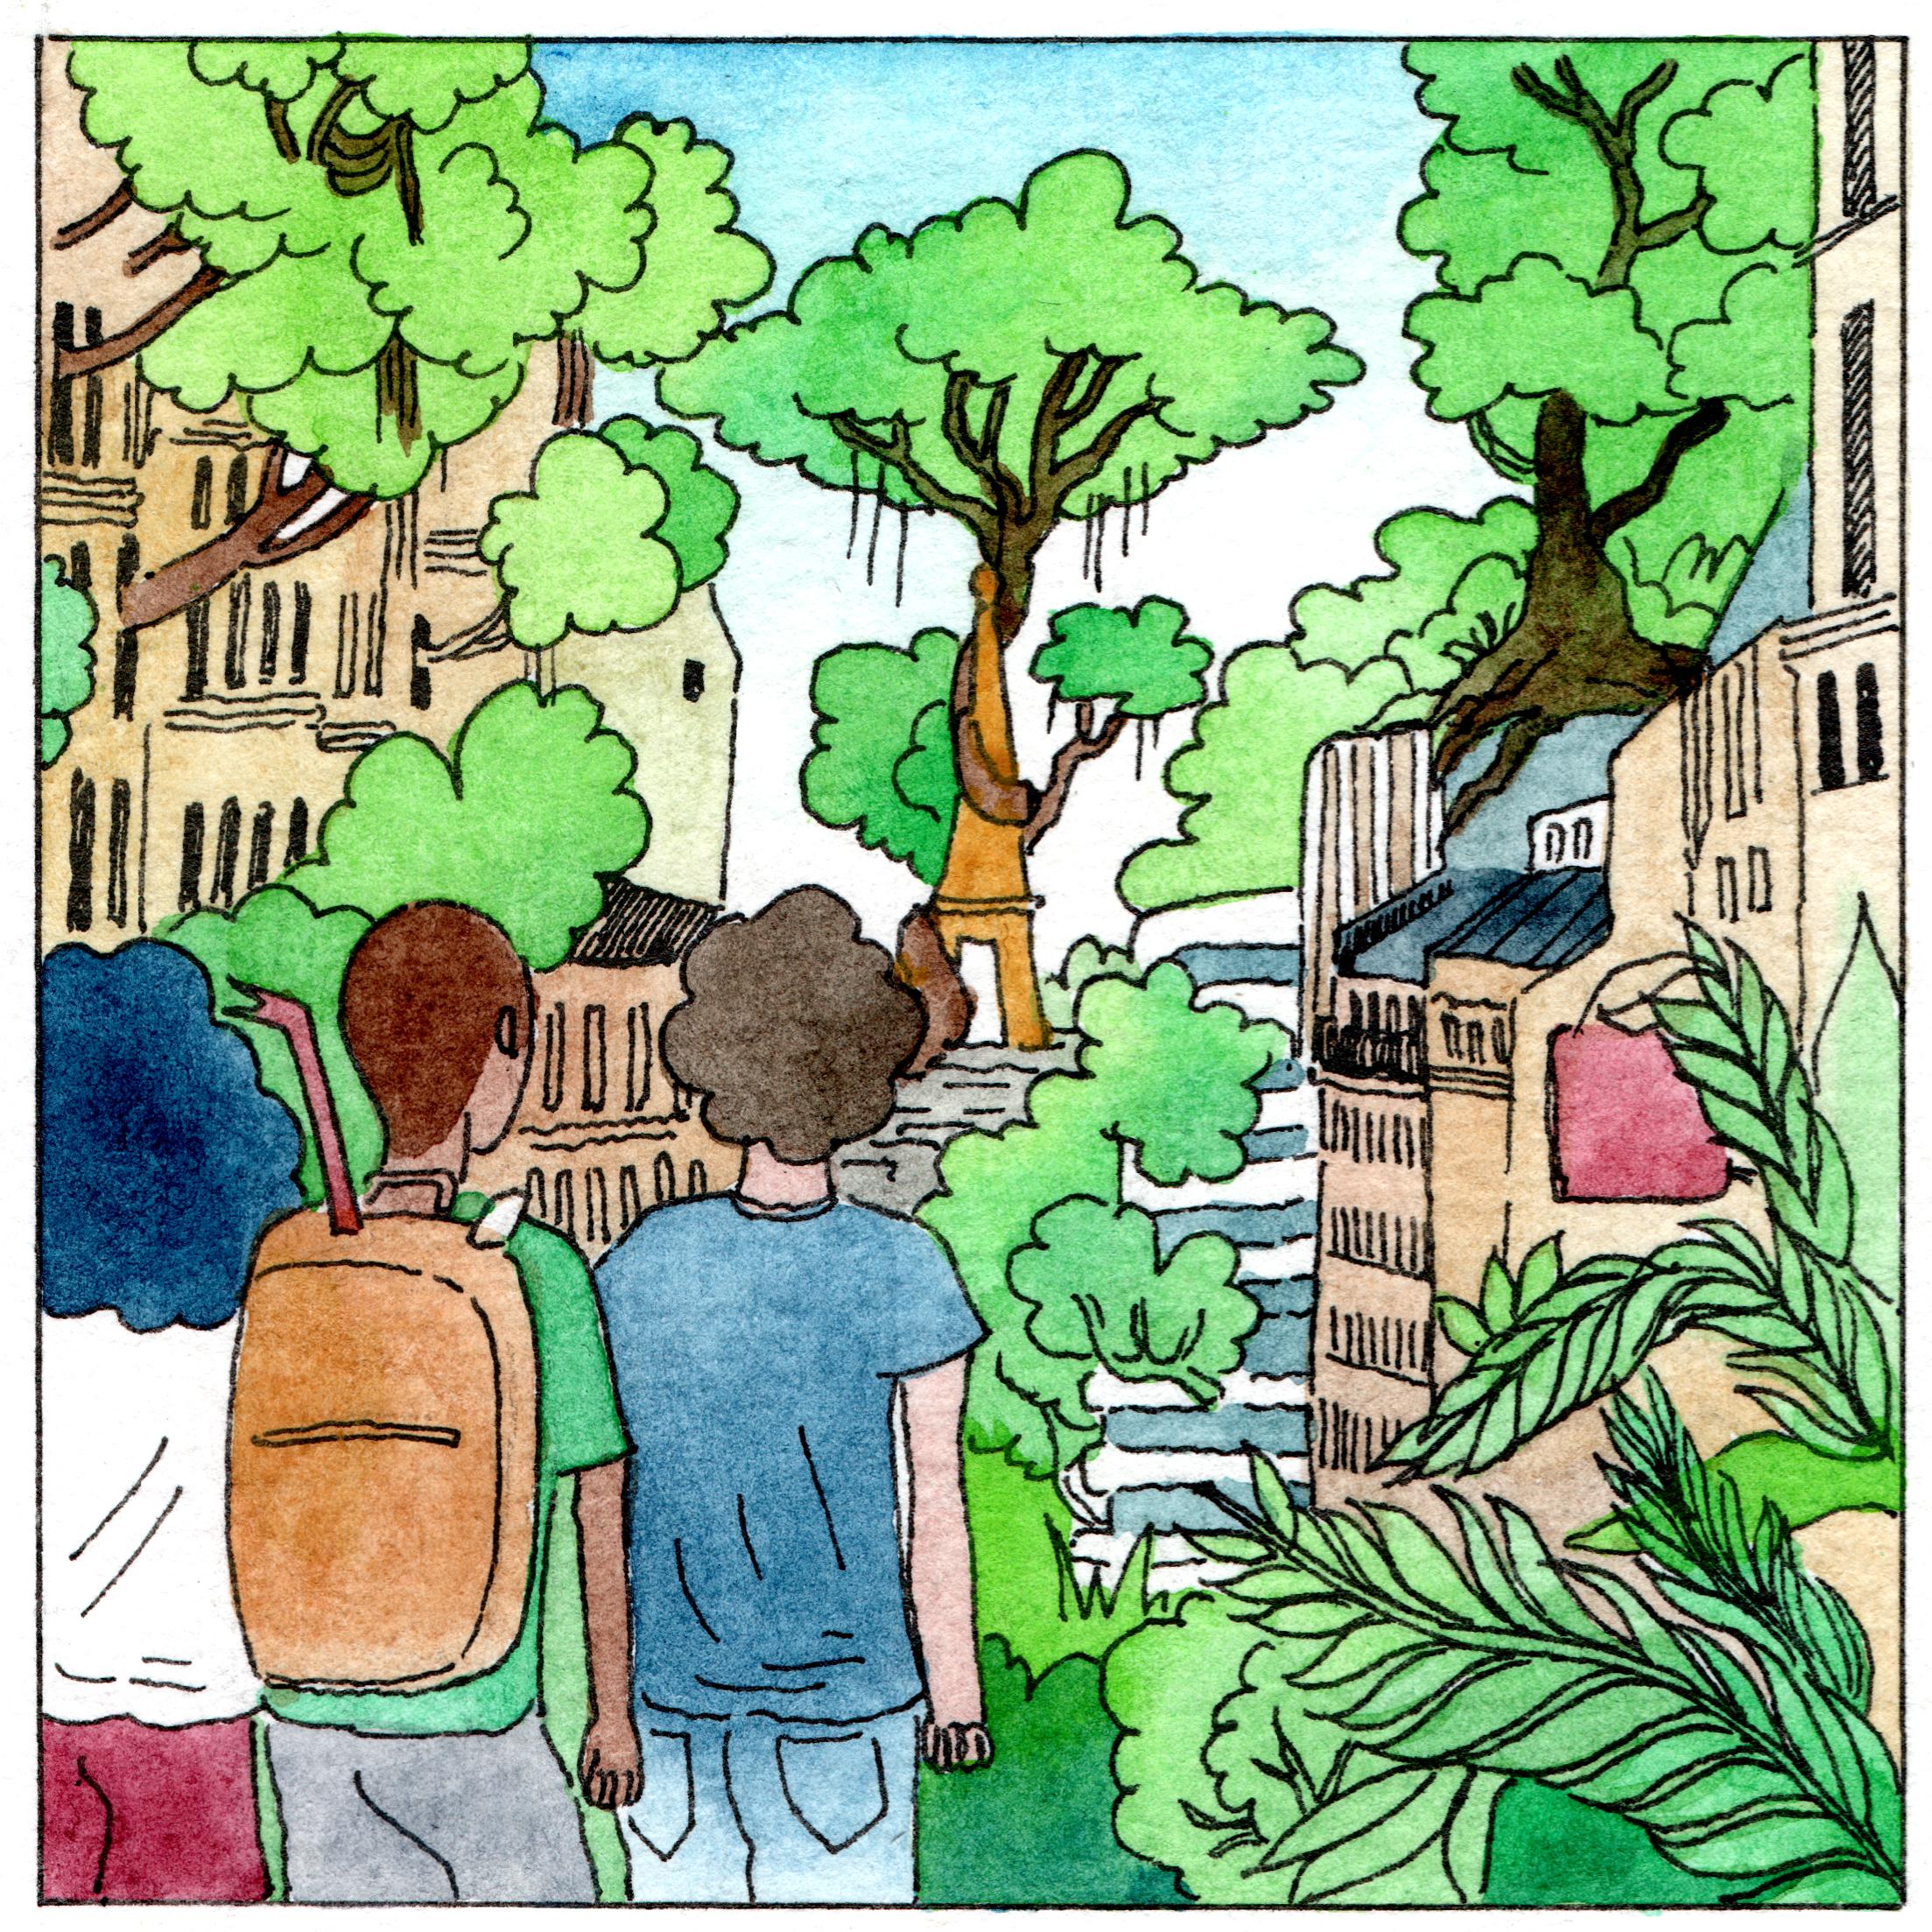 Le voyage d'Akeane : une bande dessinée participative née dans le 20e